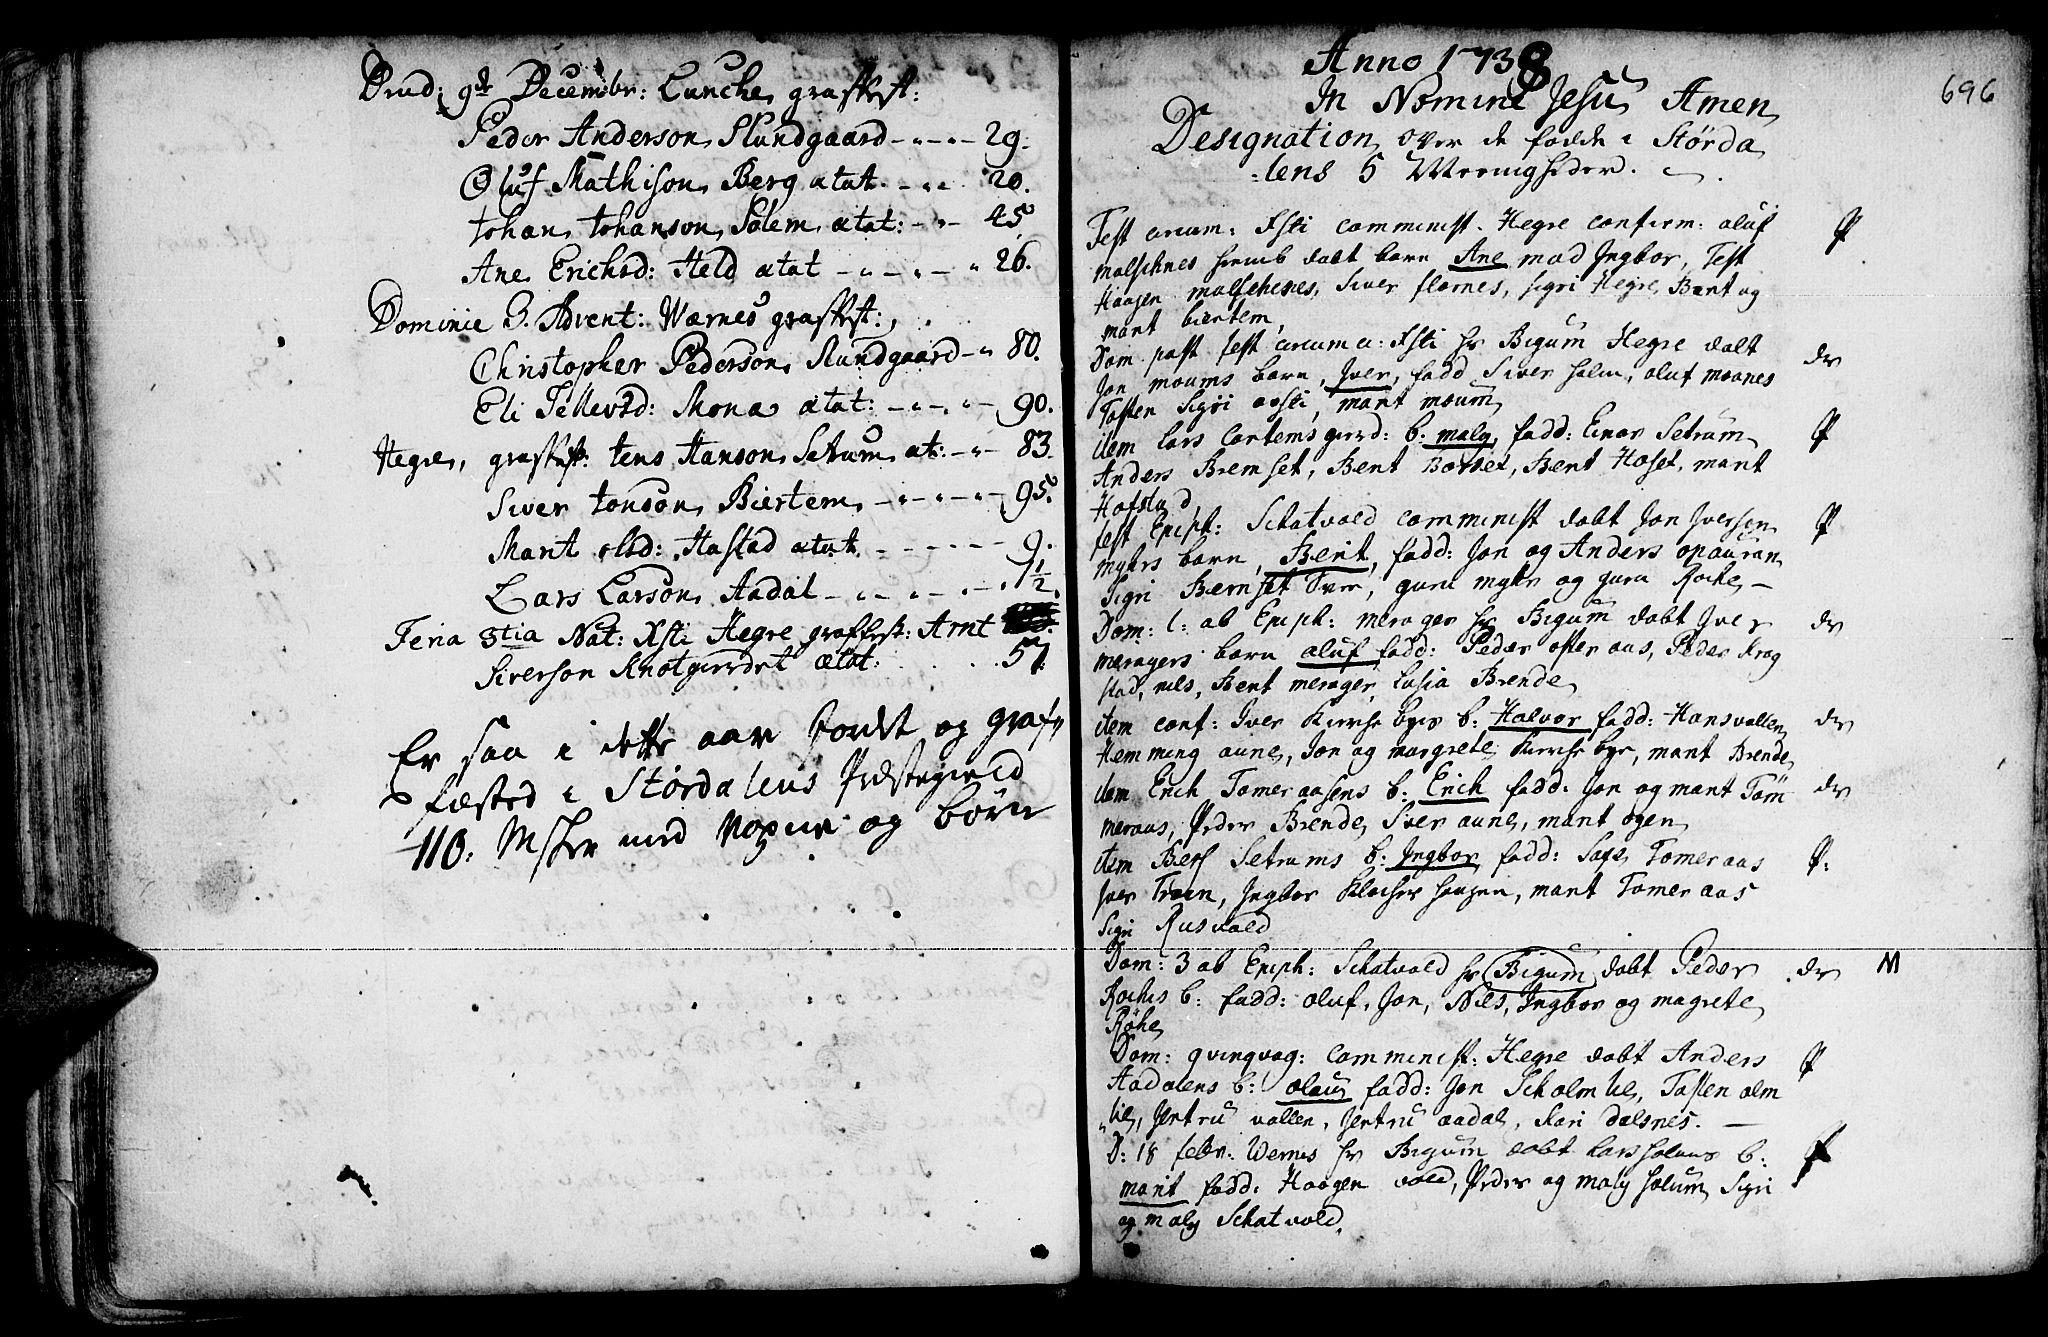 SAT, Ministerialprotokoller, klokkerbøker og fødselsregistre - Nord-Trøndelag, 709/L0055: Ministerialbok nr. 709A03, 1730-1739, s. 695-696